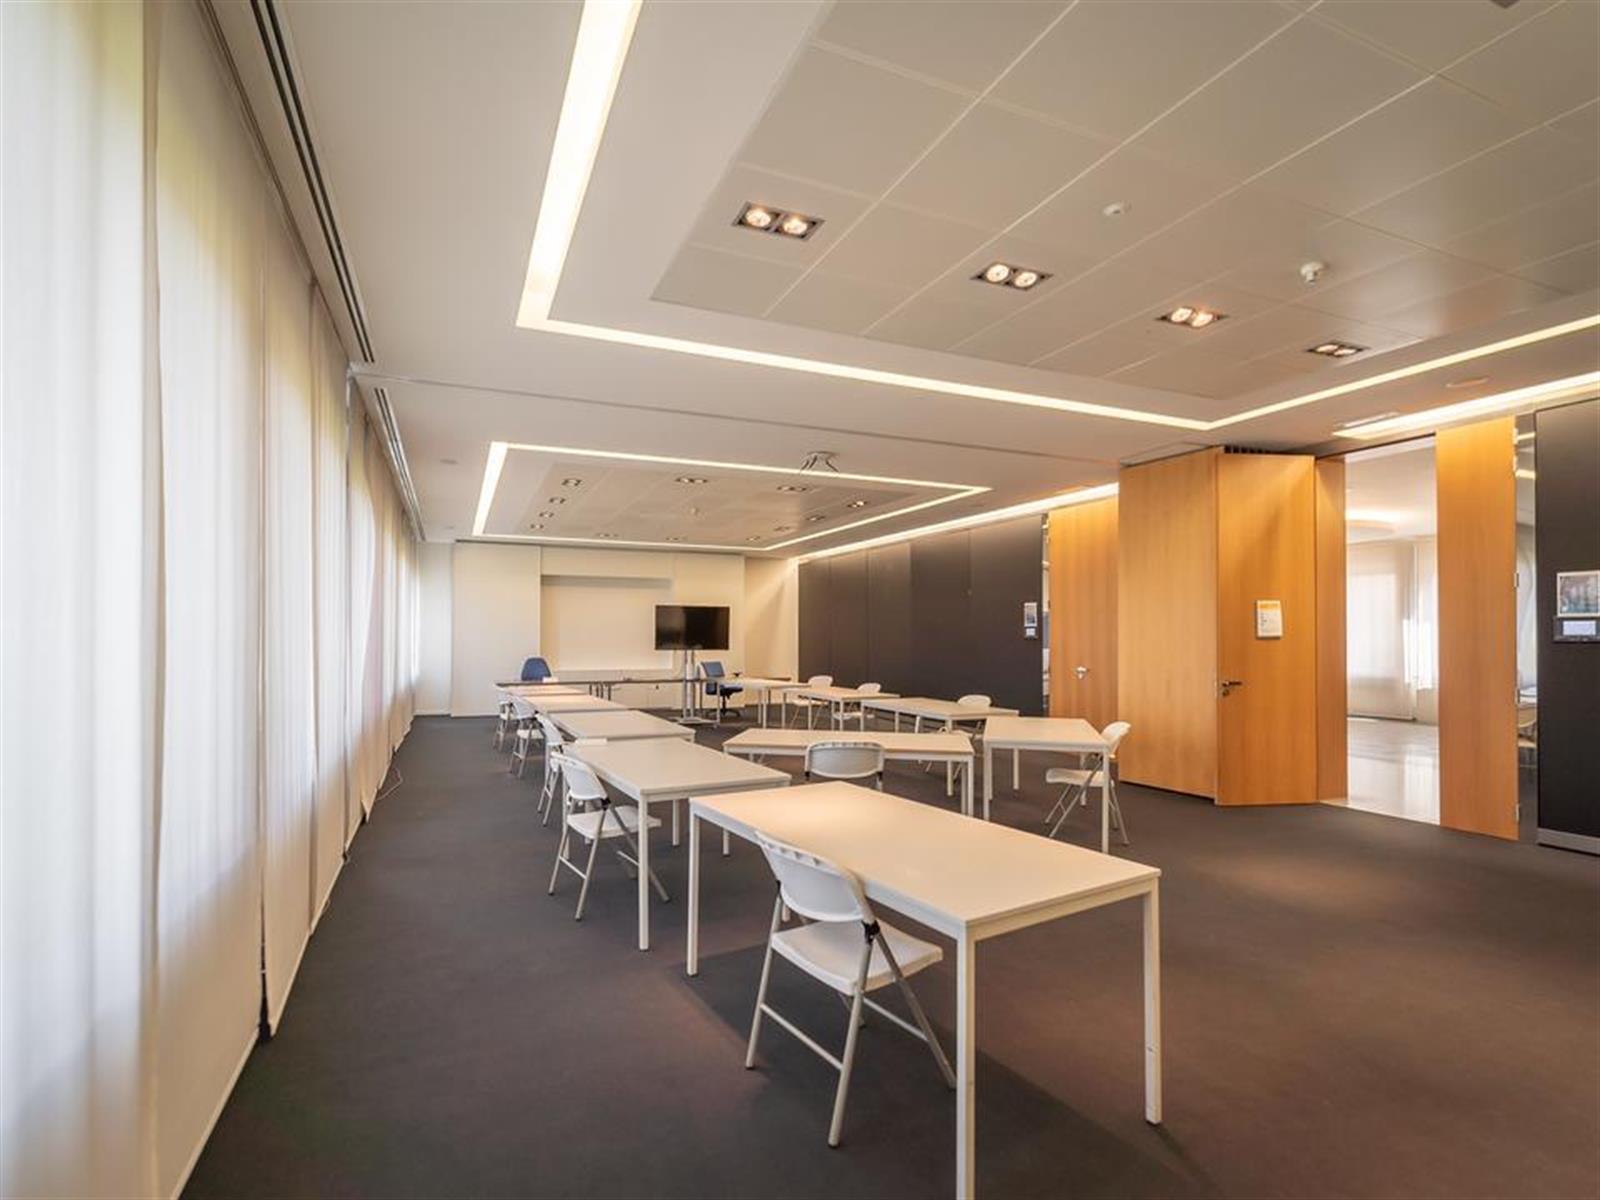 kantoren & magazijn te huur I157 - Satenrozen 11-13, 2550 Kontich, België 4